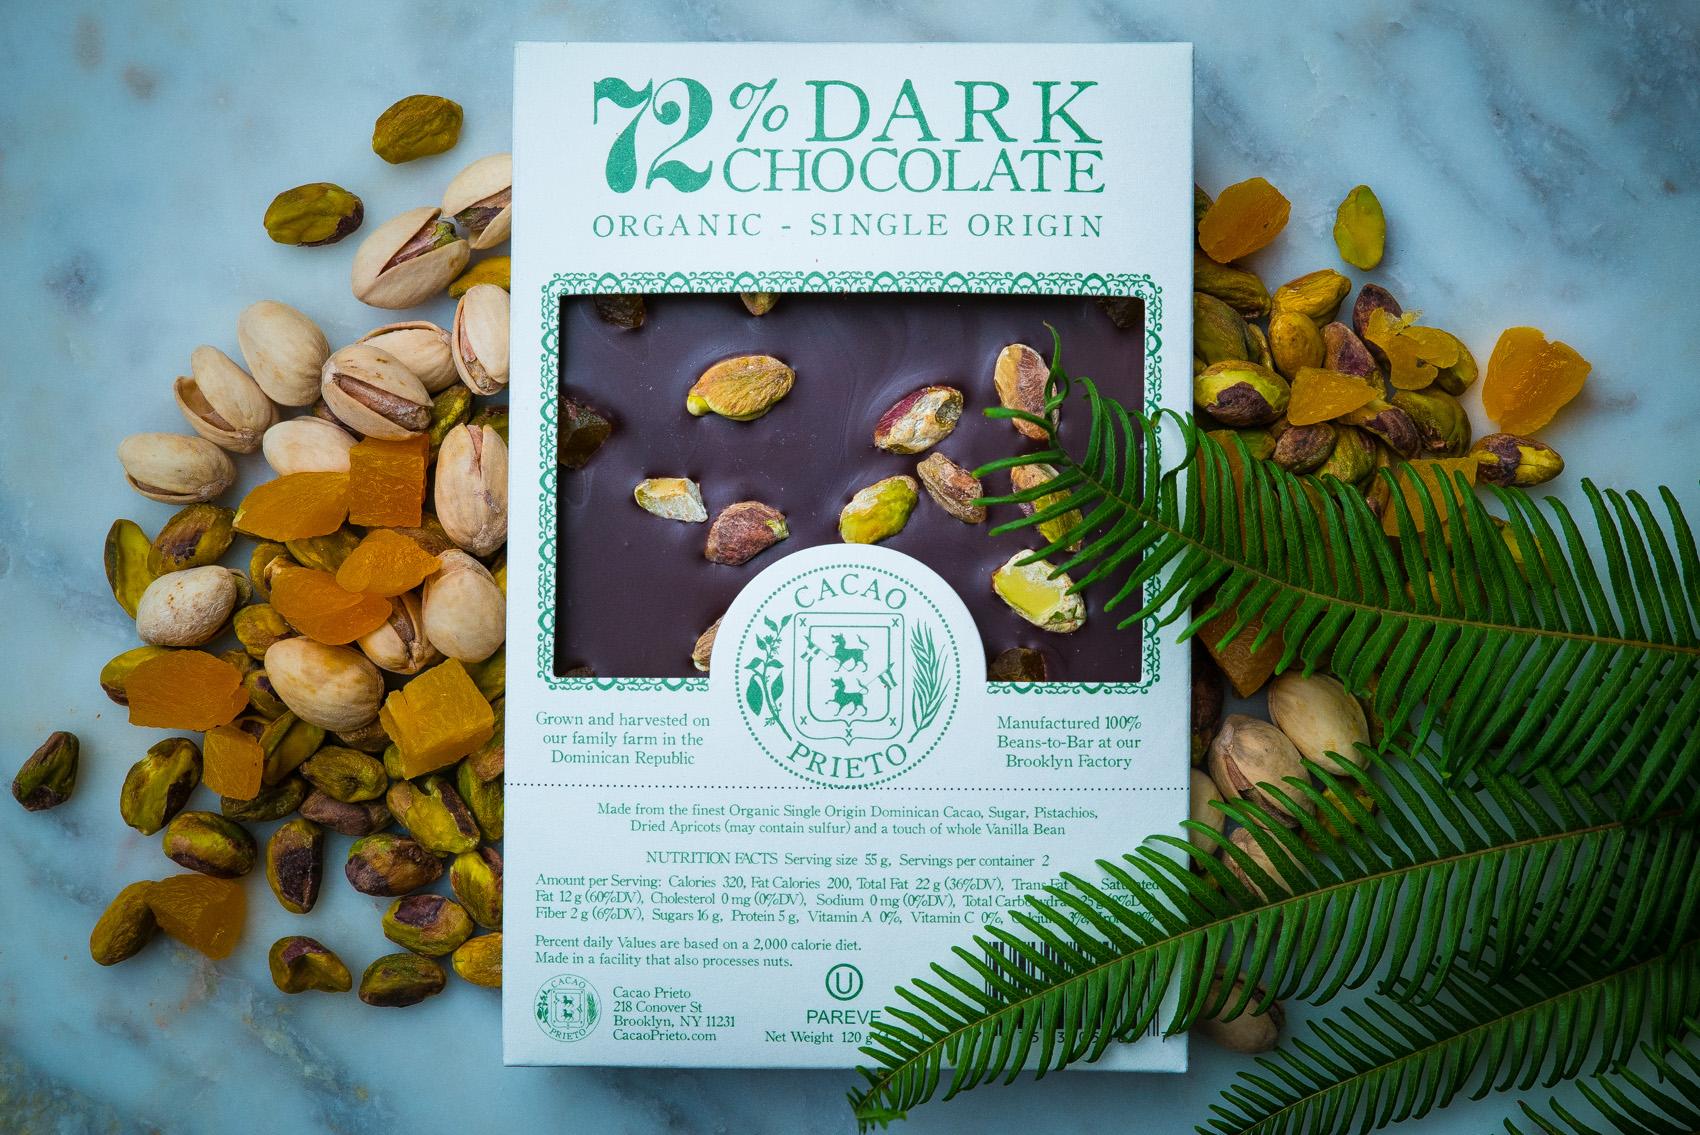 Cacao_Prieto-00019-7 copy.JPG